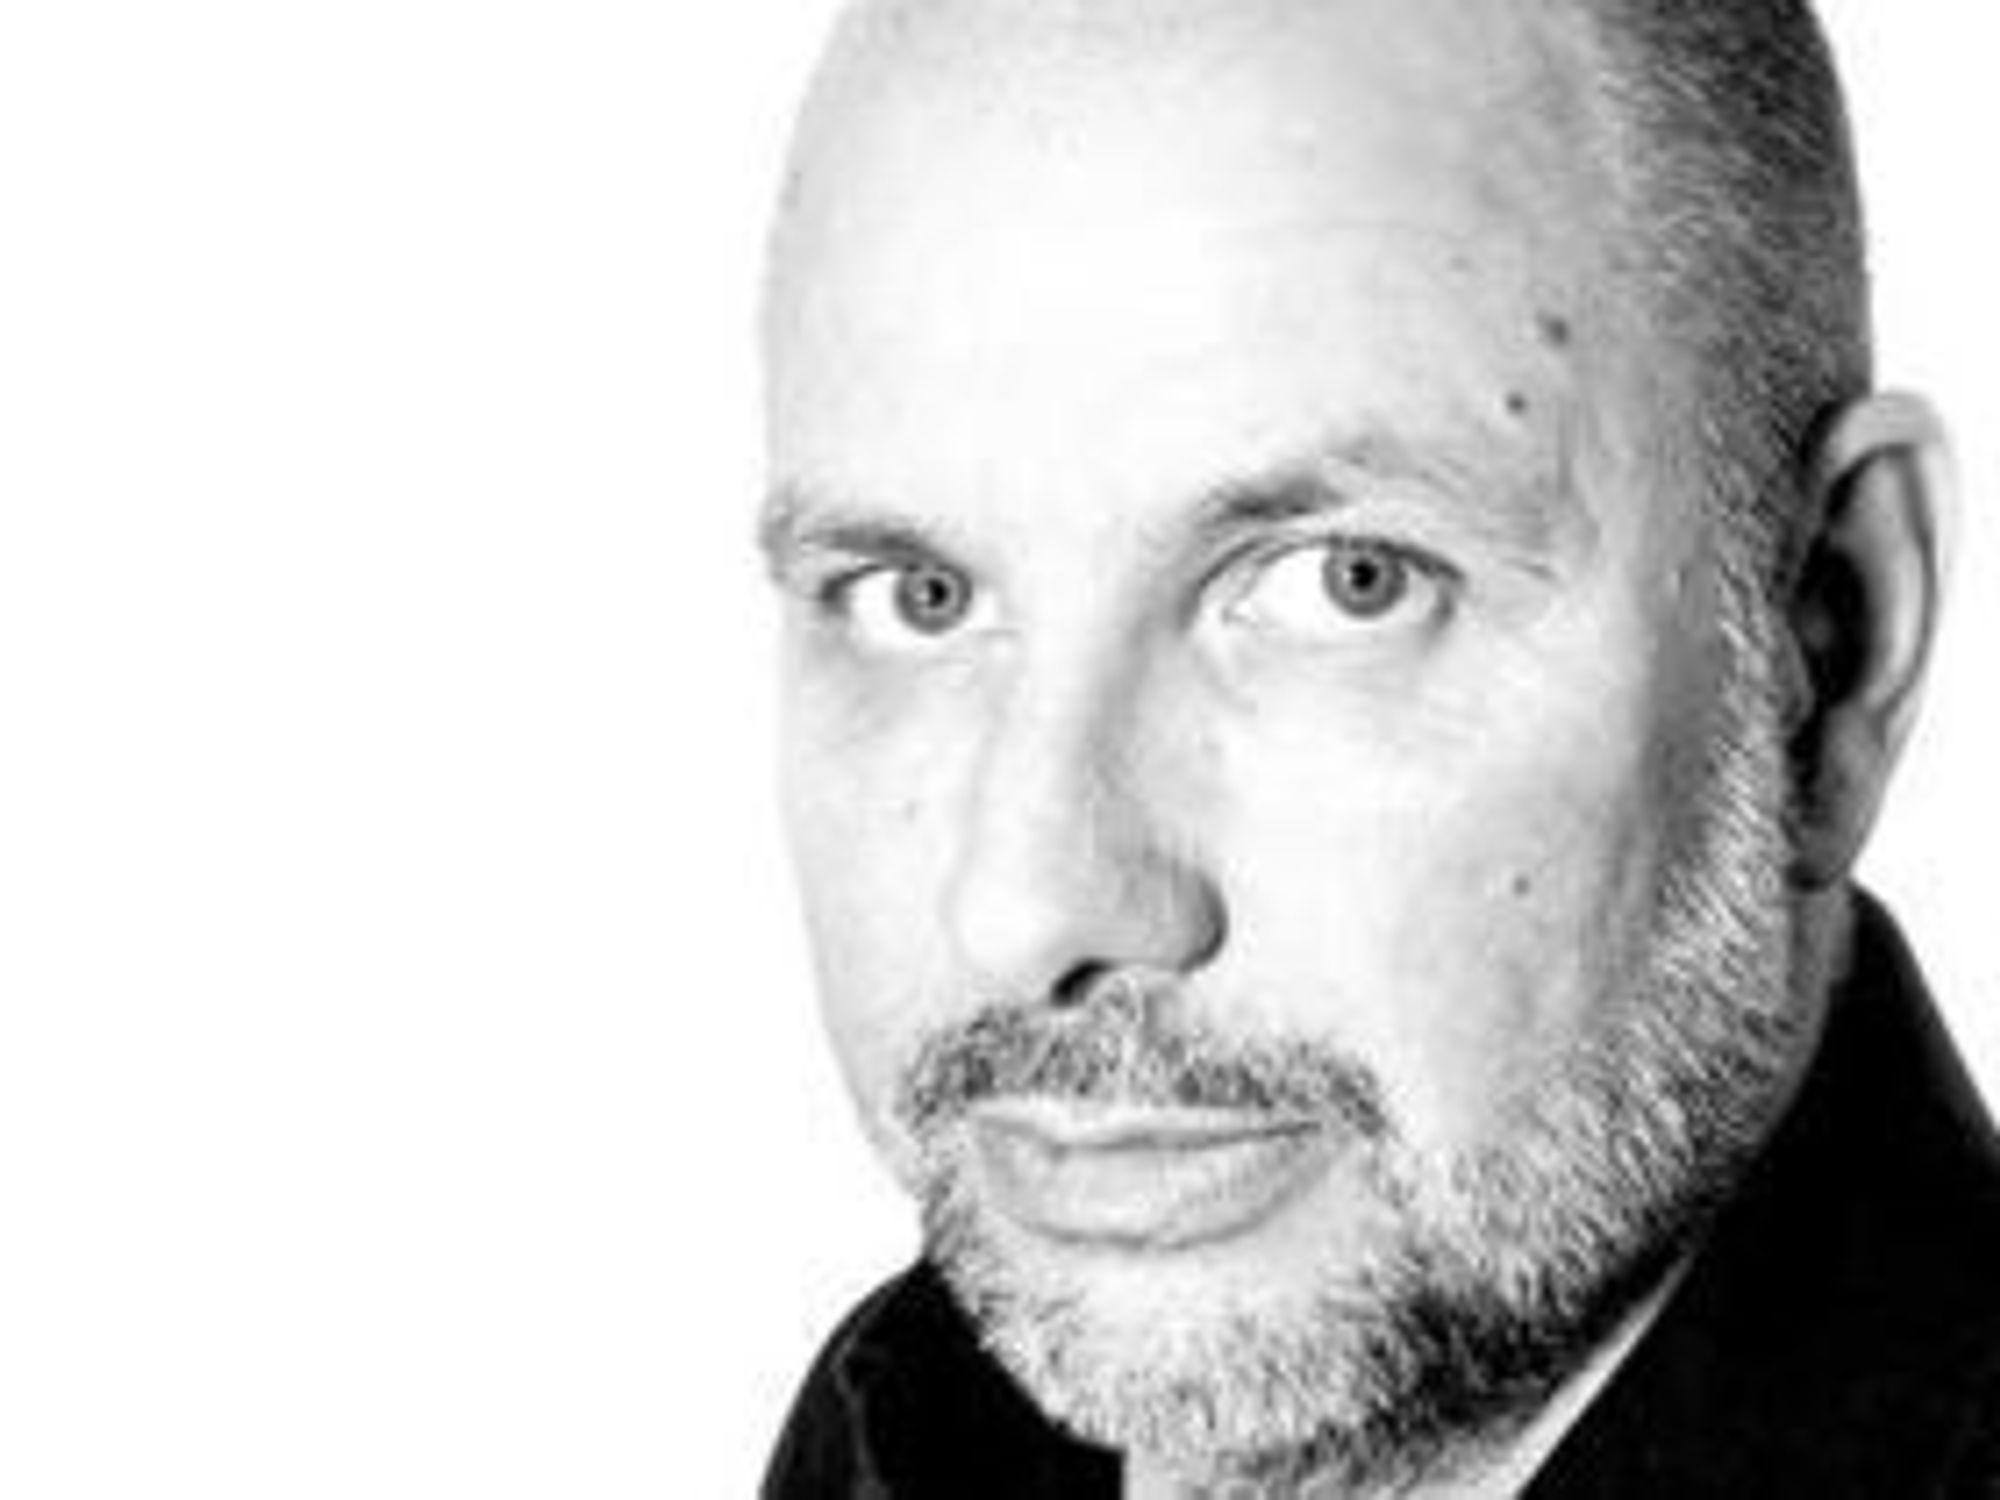 Eivind Lund er konsulent i Netlife Research og kåsør. Denne teksten ble først publisert på hans blogg: eivindlund.no